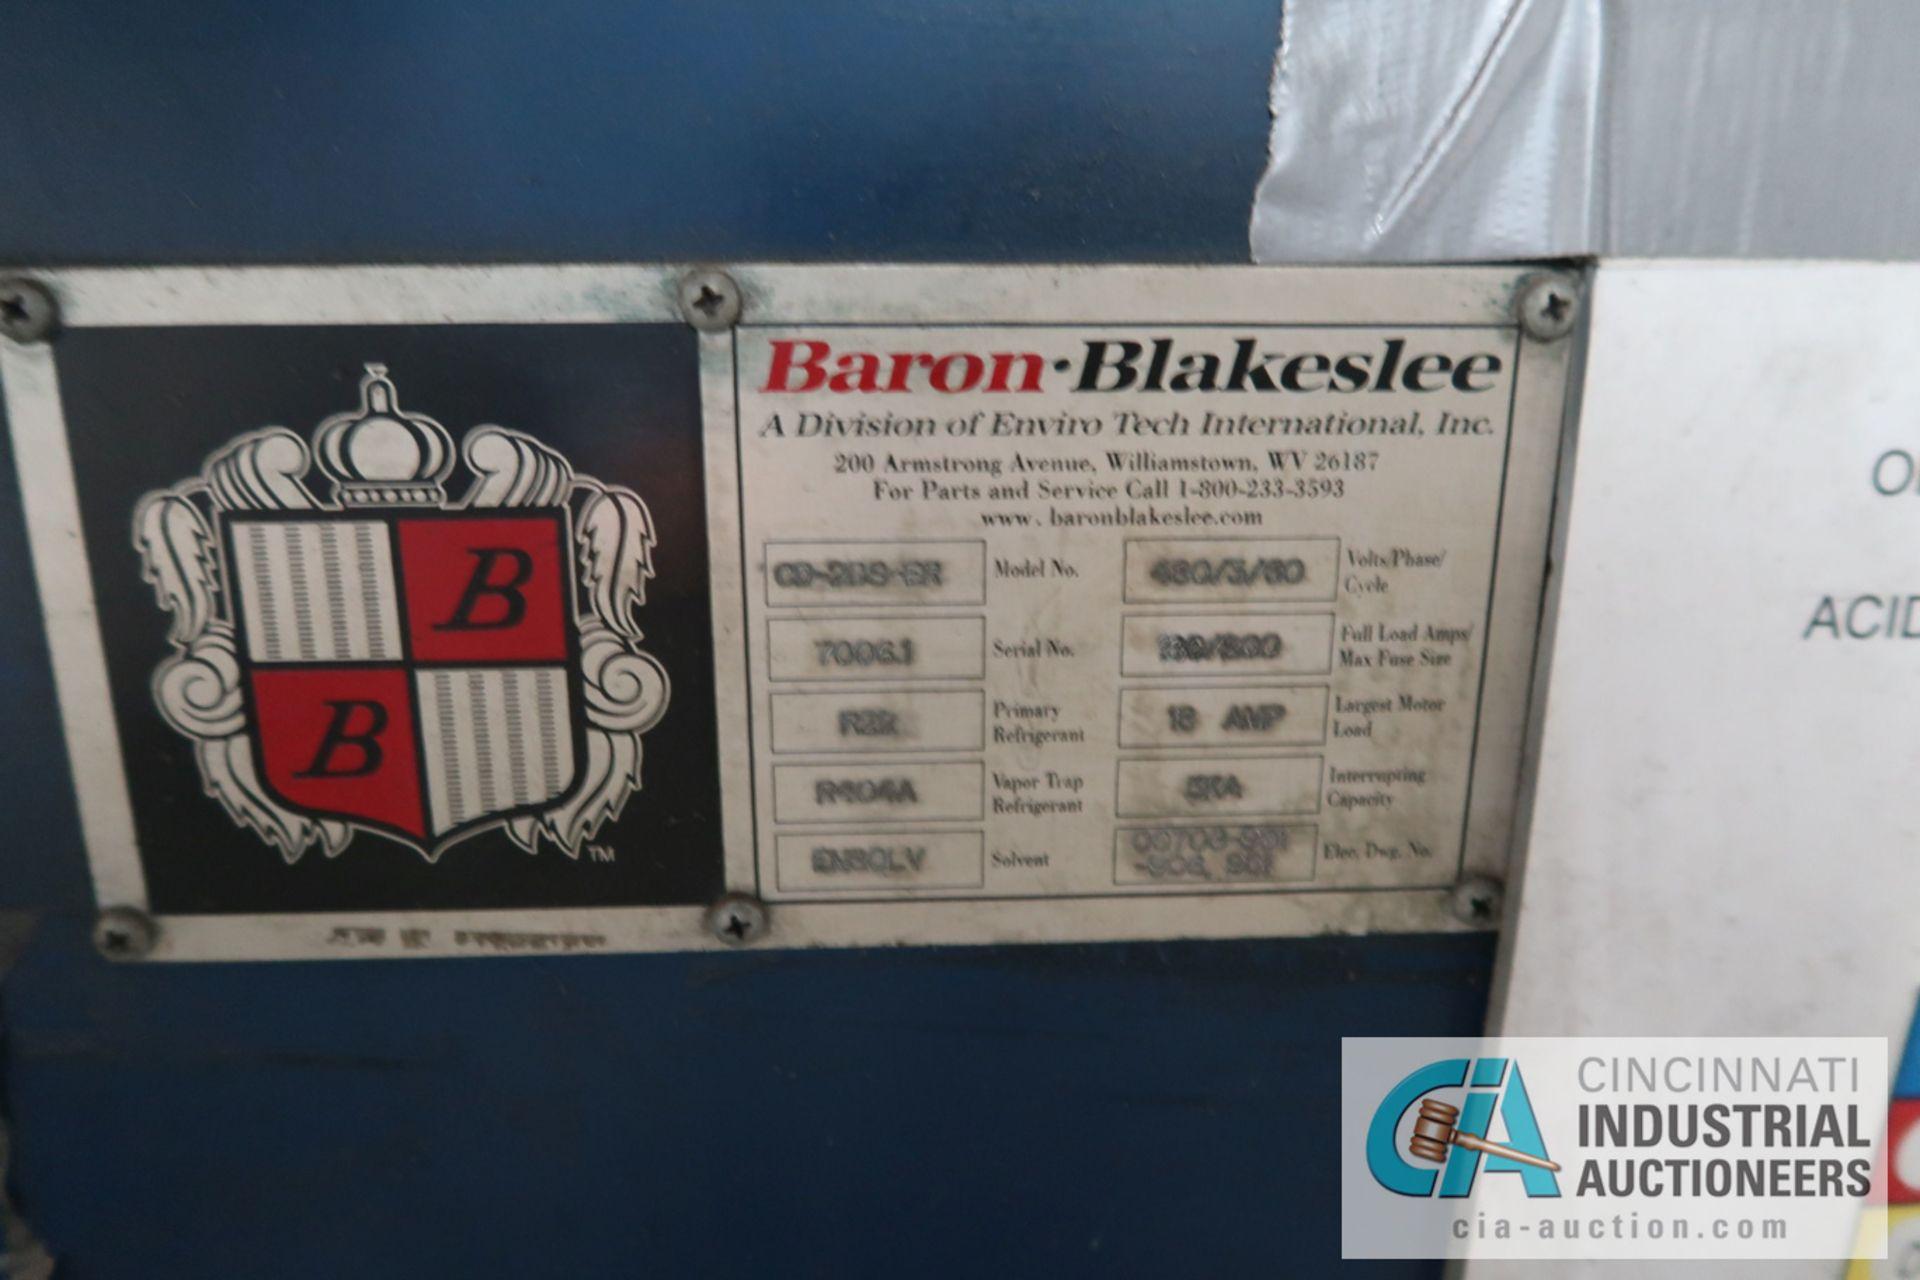 """BARON-BLAKESLEE MODEL CD-20S-ER VAPOR DEGREASER; S/N 70061, 30"""" X 80"""" X 72"""" DEEP - Image 4 of 15"""